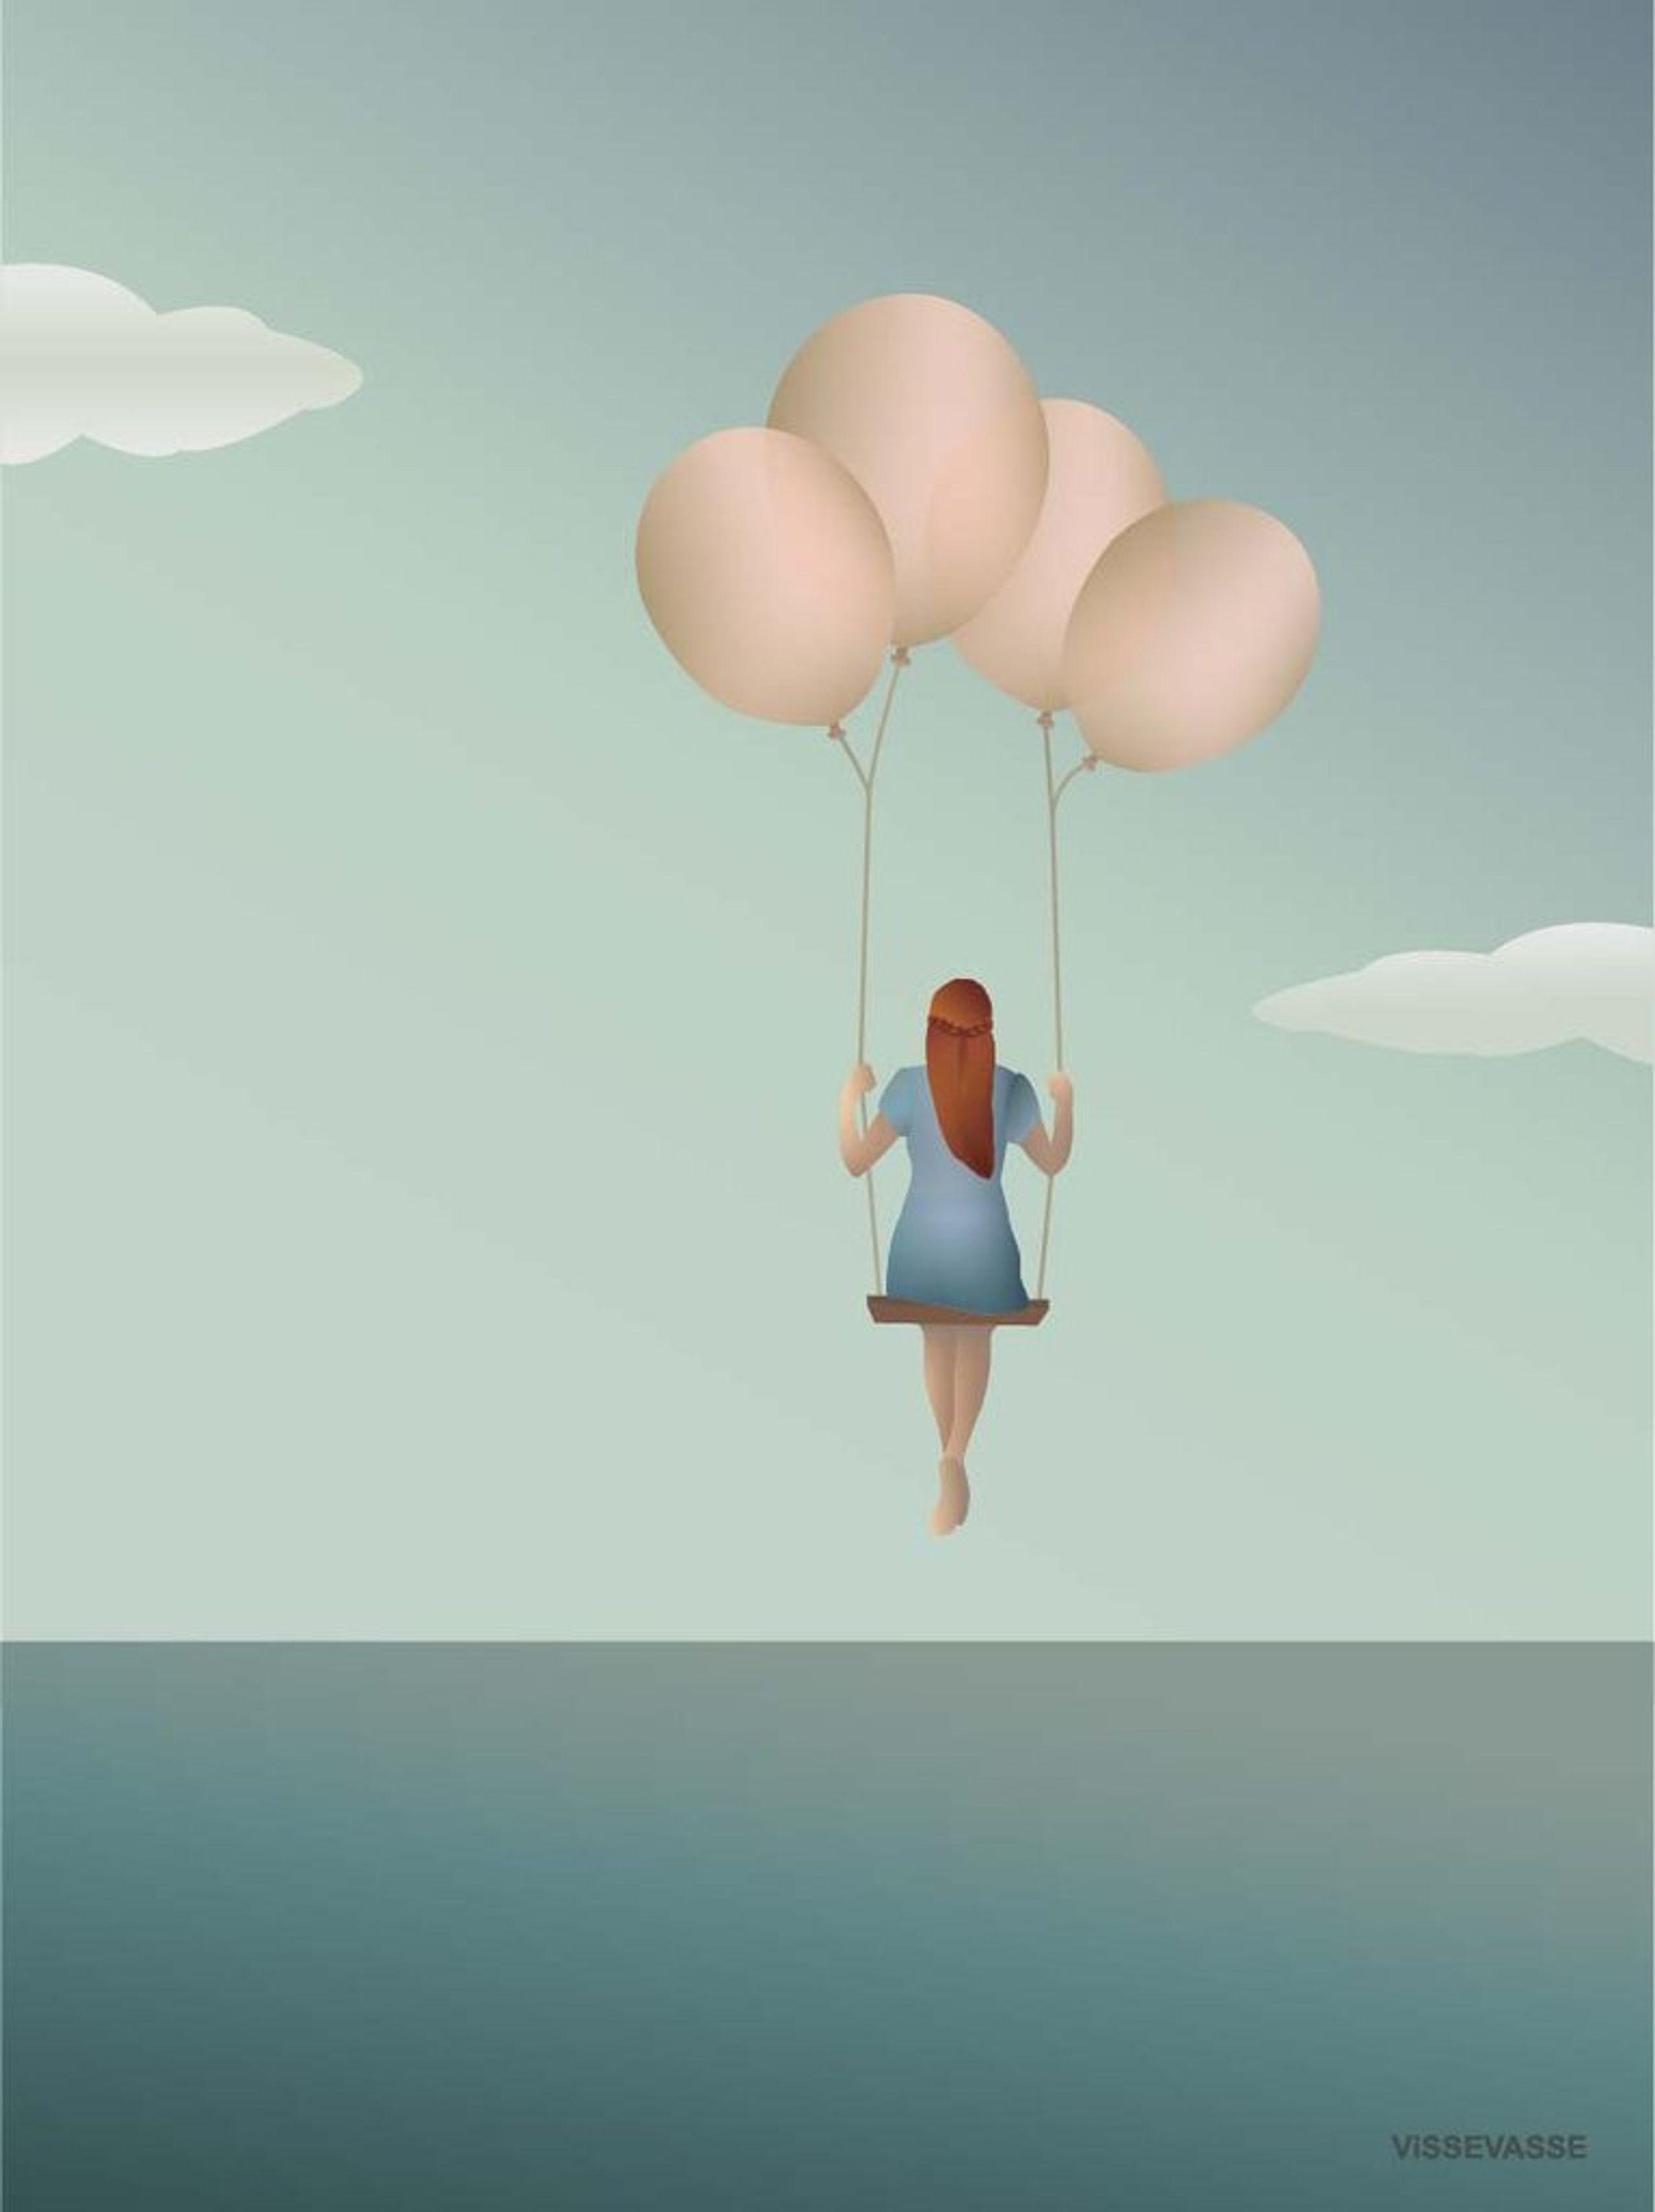 Balloon Dream